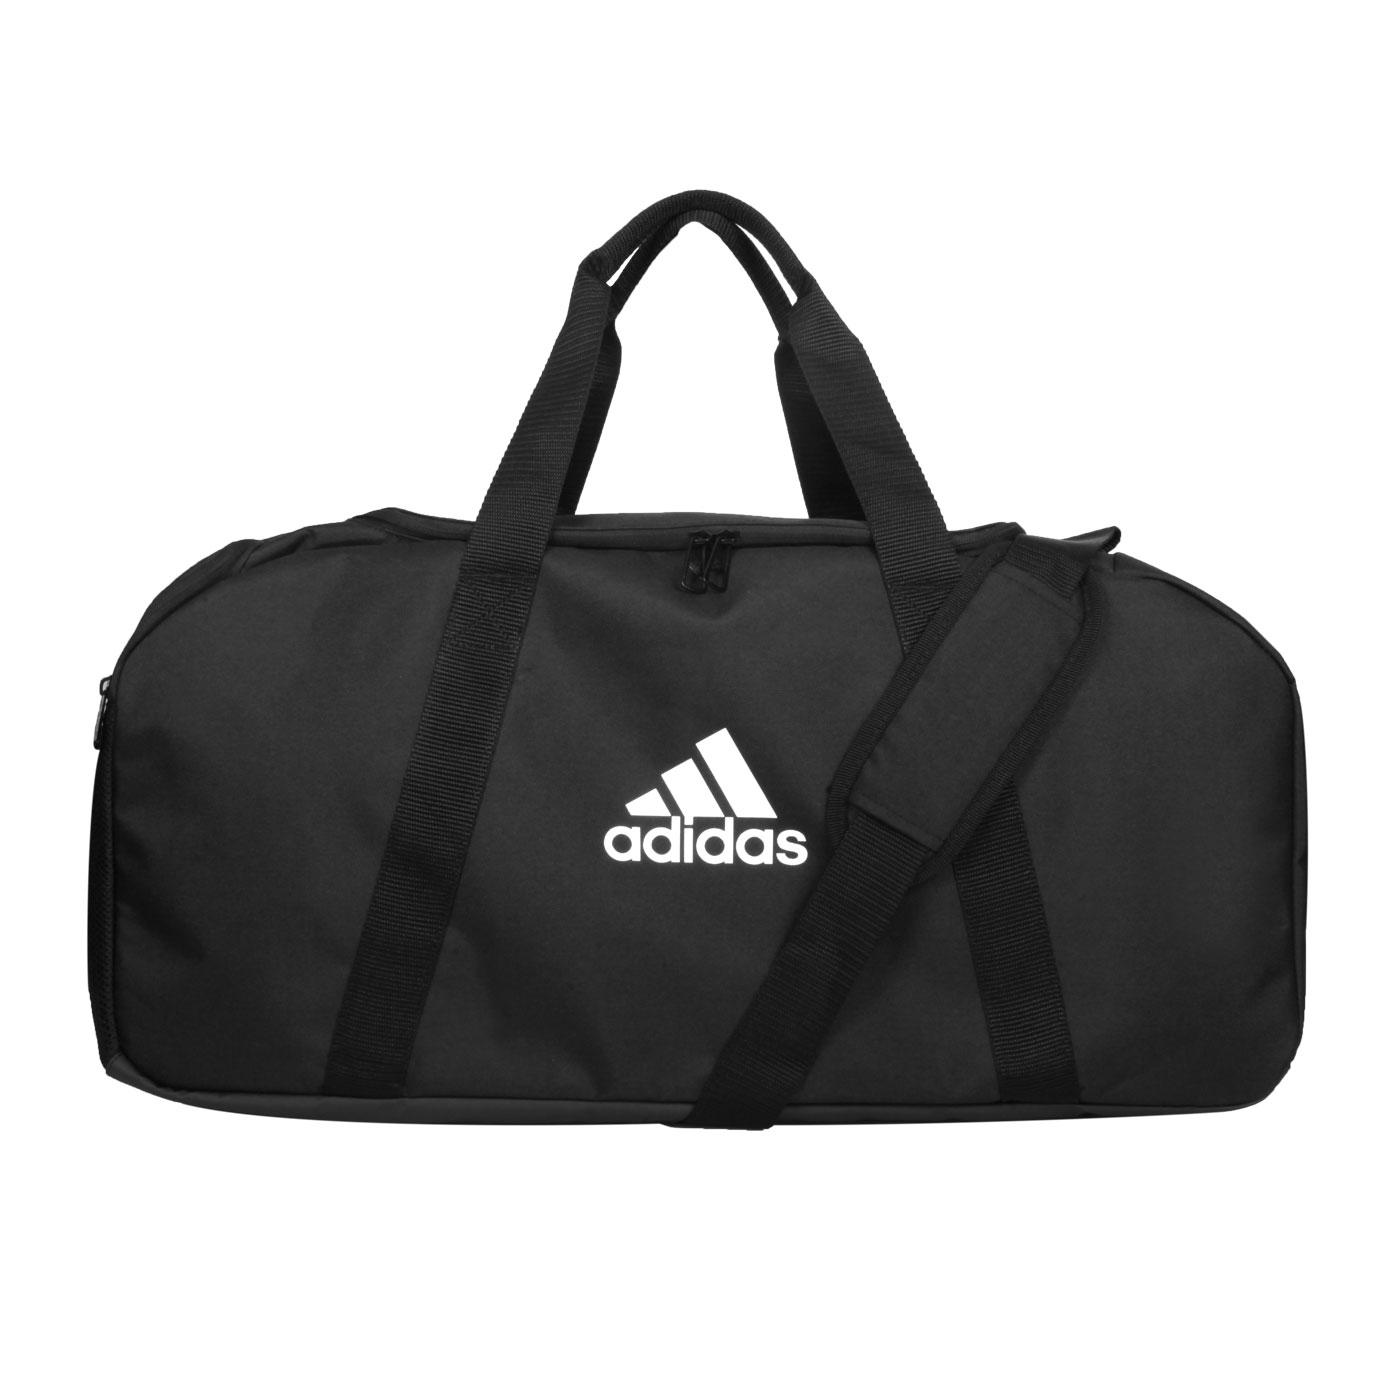 ADIDAS 旅行袋 GH7266